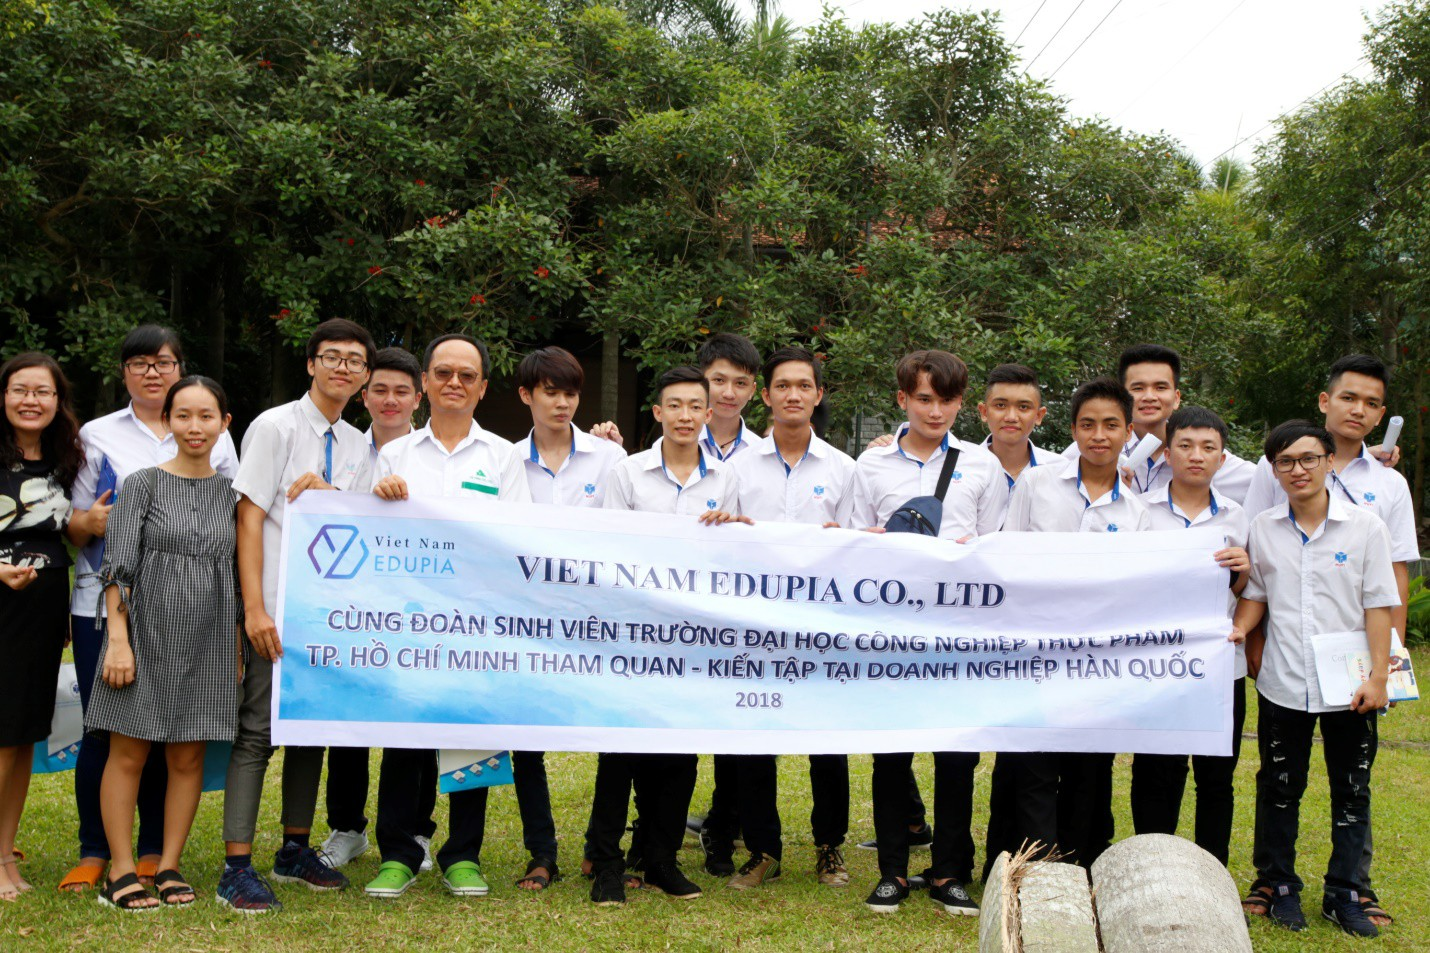 Cam kết việc làm khi học hệ cao đẳng tại trường ĐH Công nghiệp Thực phẩm TP.Hồ Chí Minh - Ảnh 2.